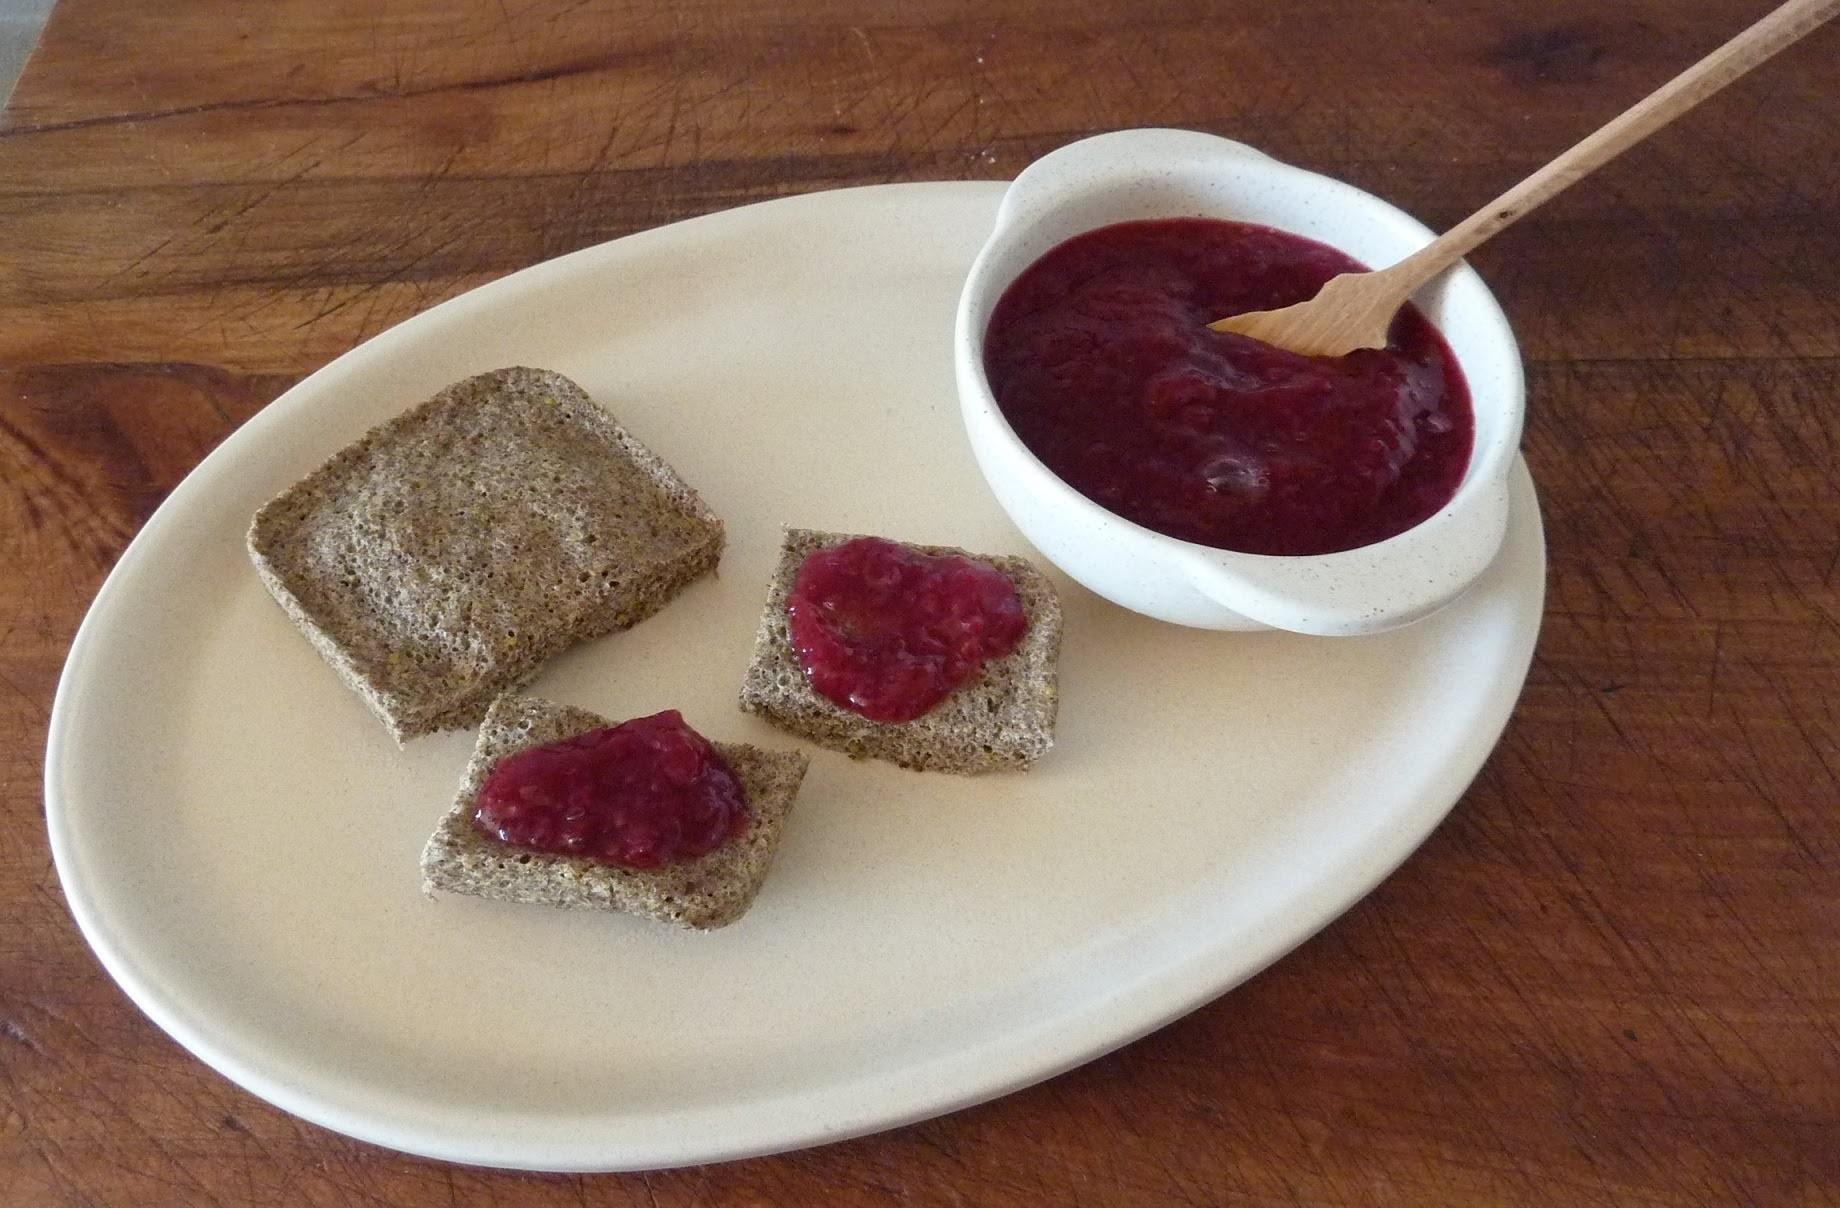 [Receta] Pan de Linaza en menos de 5 minutos [Sin Gluten ni leche] (en microondas) Flax seed bread